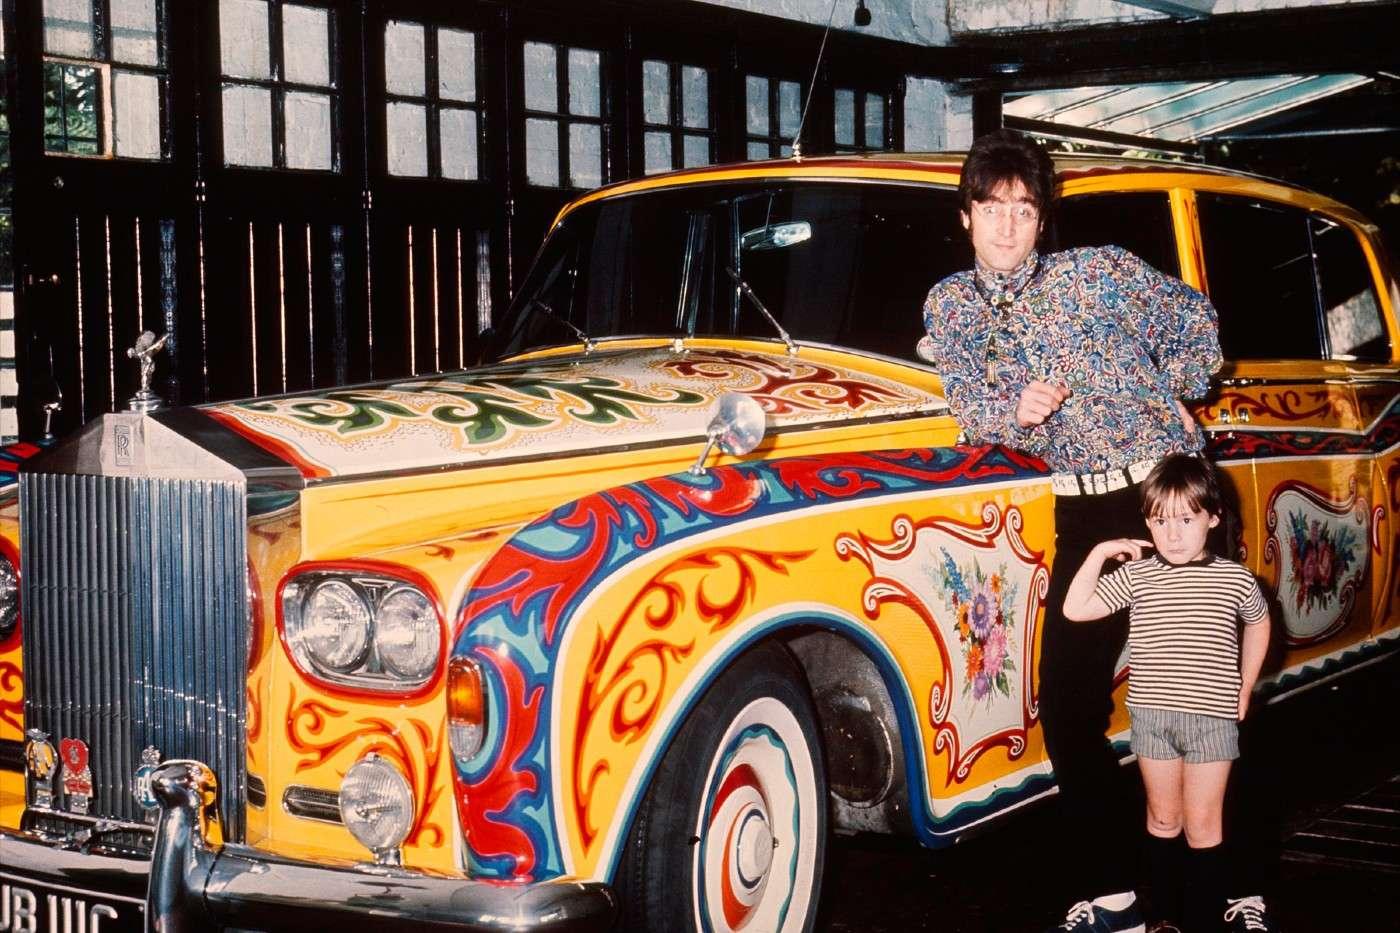 Rolls – Royce John Lennon Phantom V πολύτιμα αυτοκίνητα